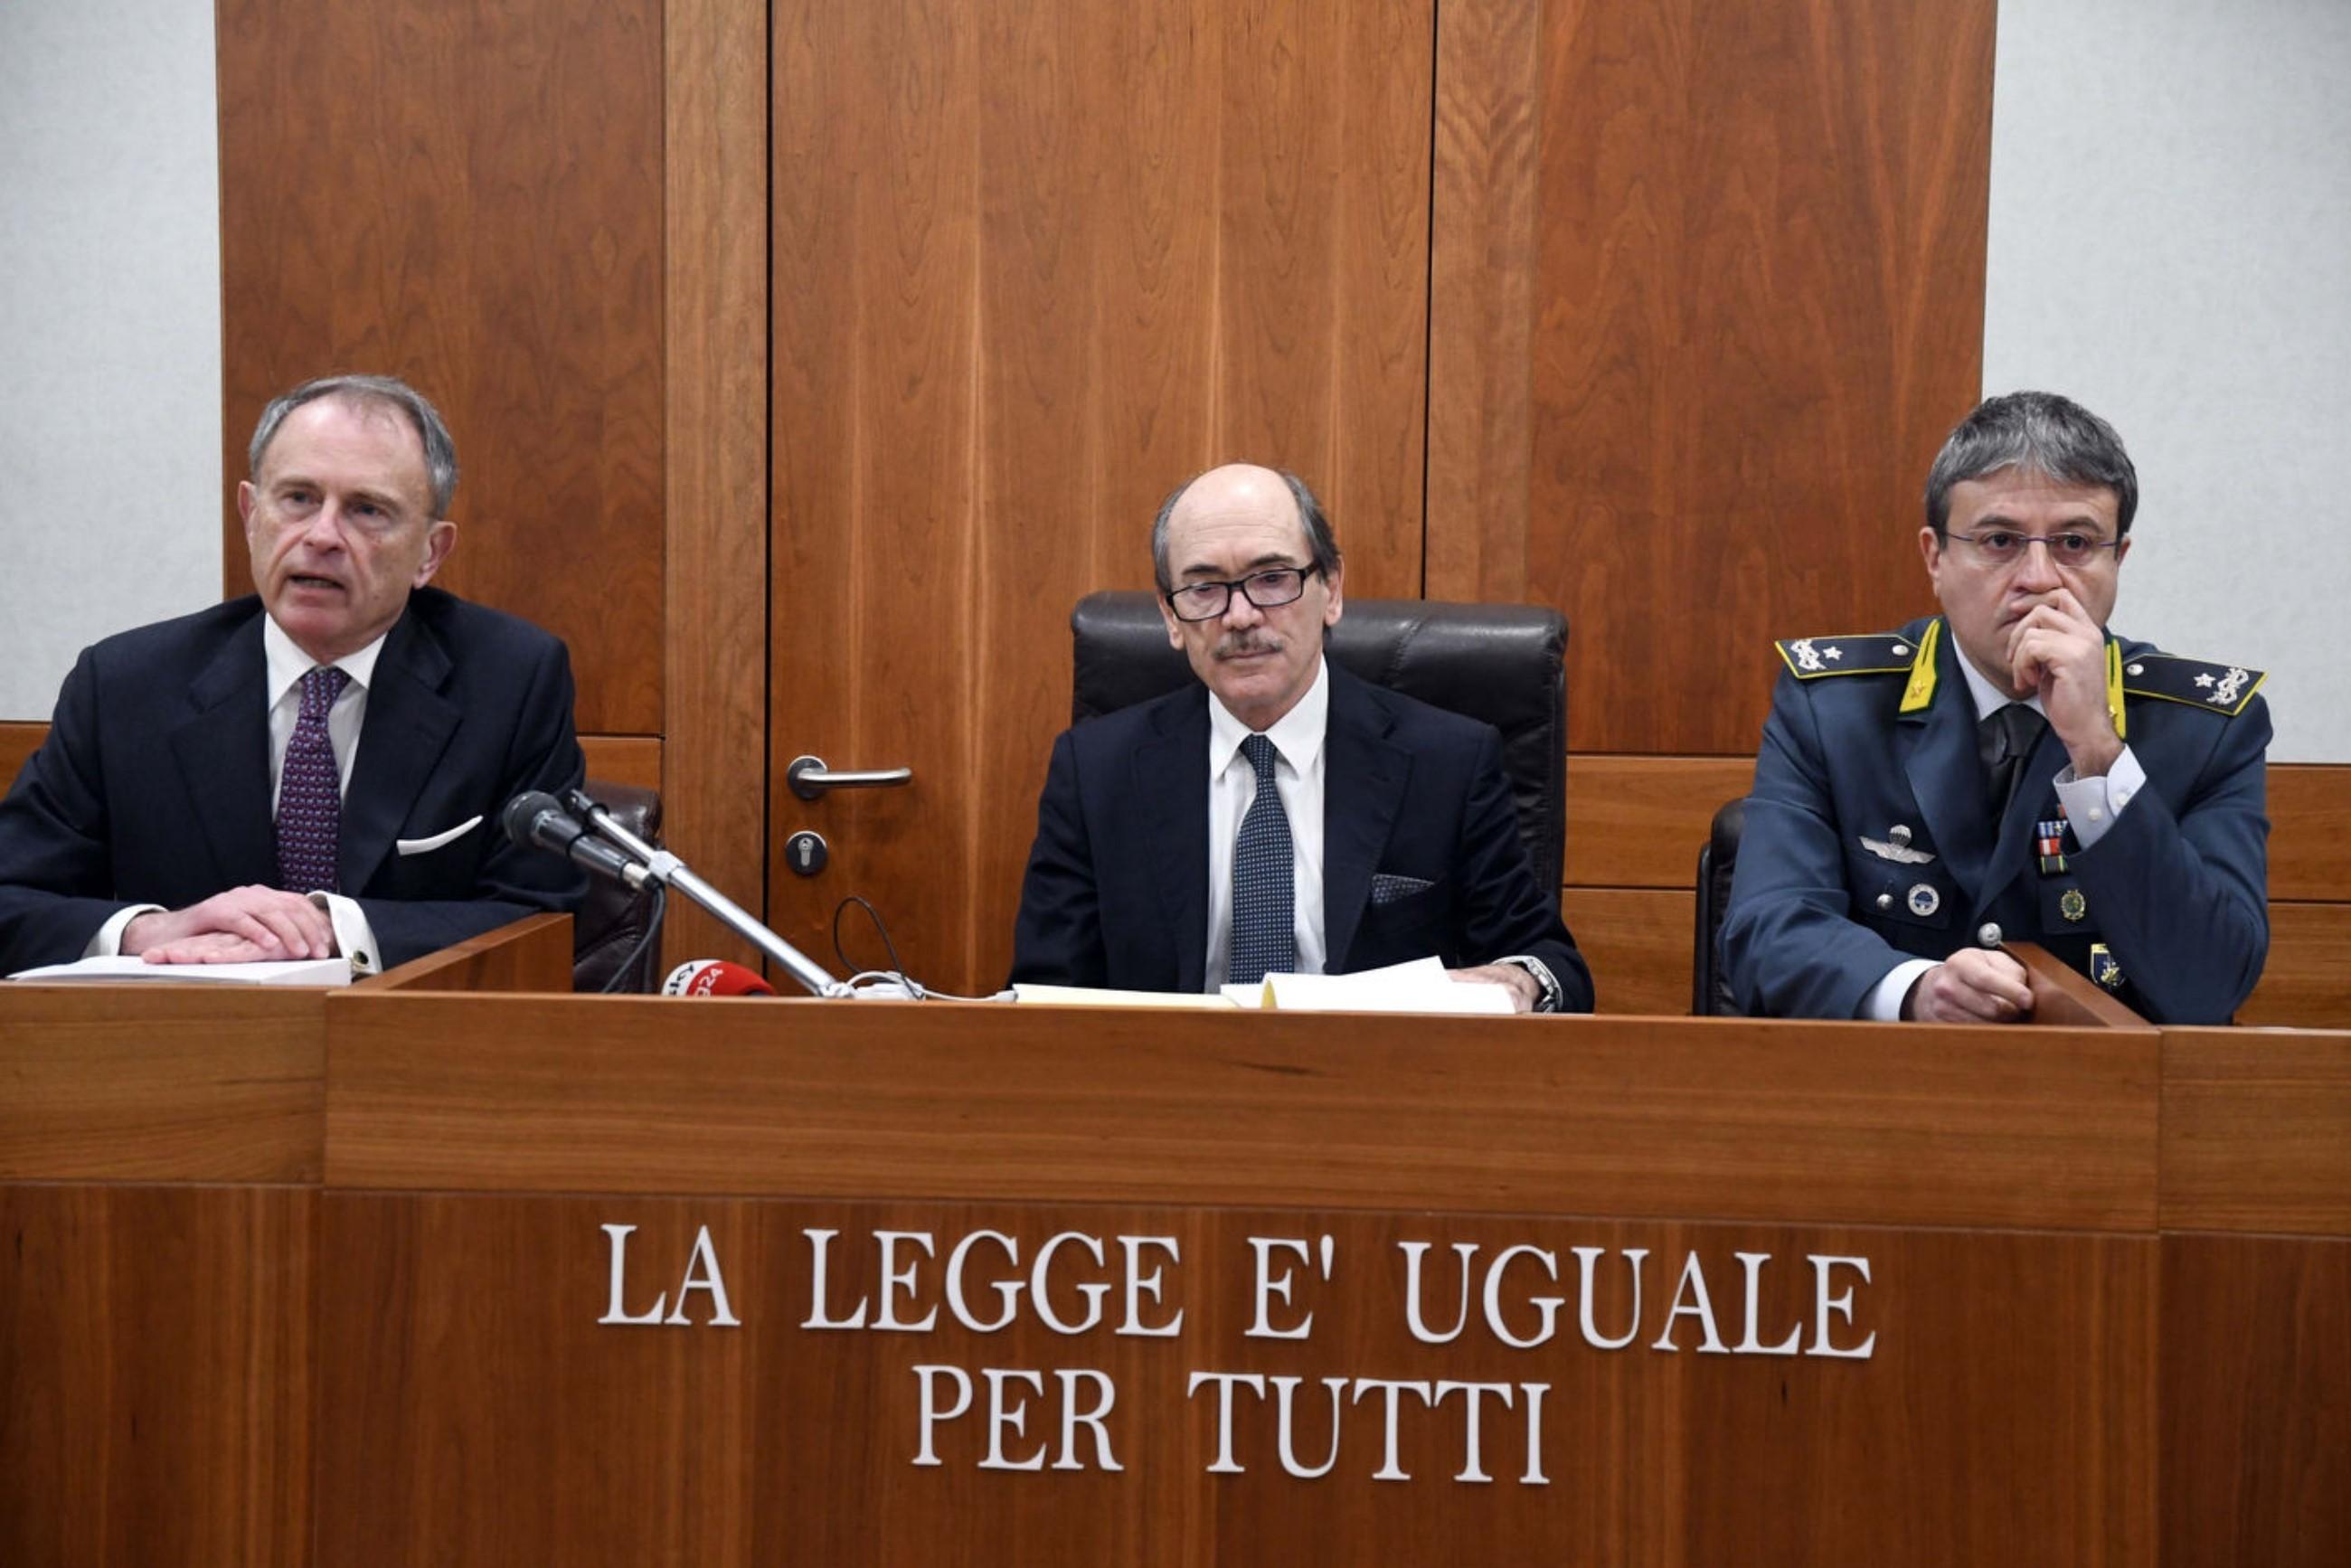 """Operazione """"At last"""" contro la camorra nel Veneto. Avviso Pubblico: """"Aprire gli occhi, tenere alta la guardia. Un plauso a magistratura e forze dell'ordine"""""""